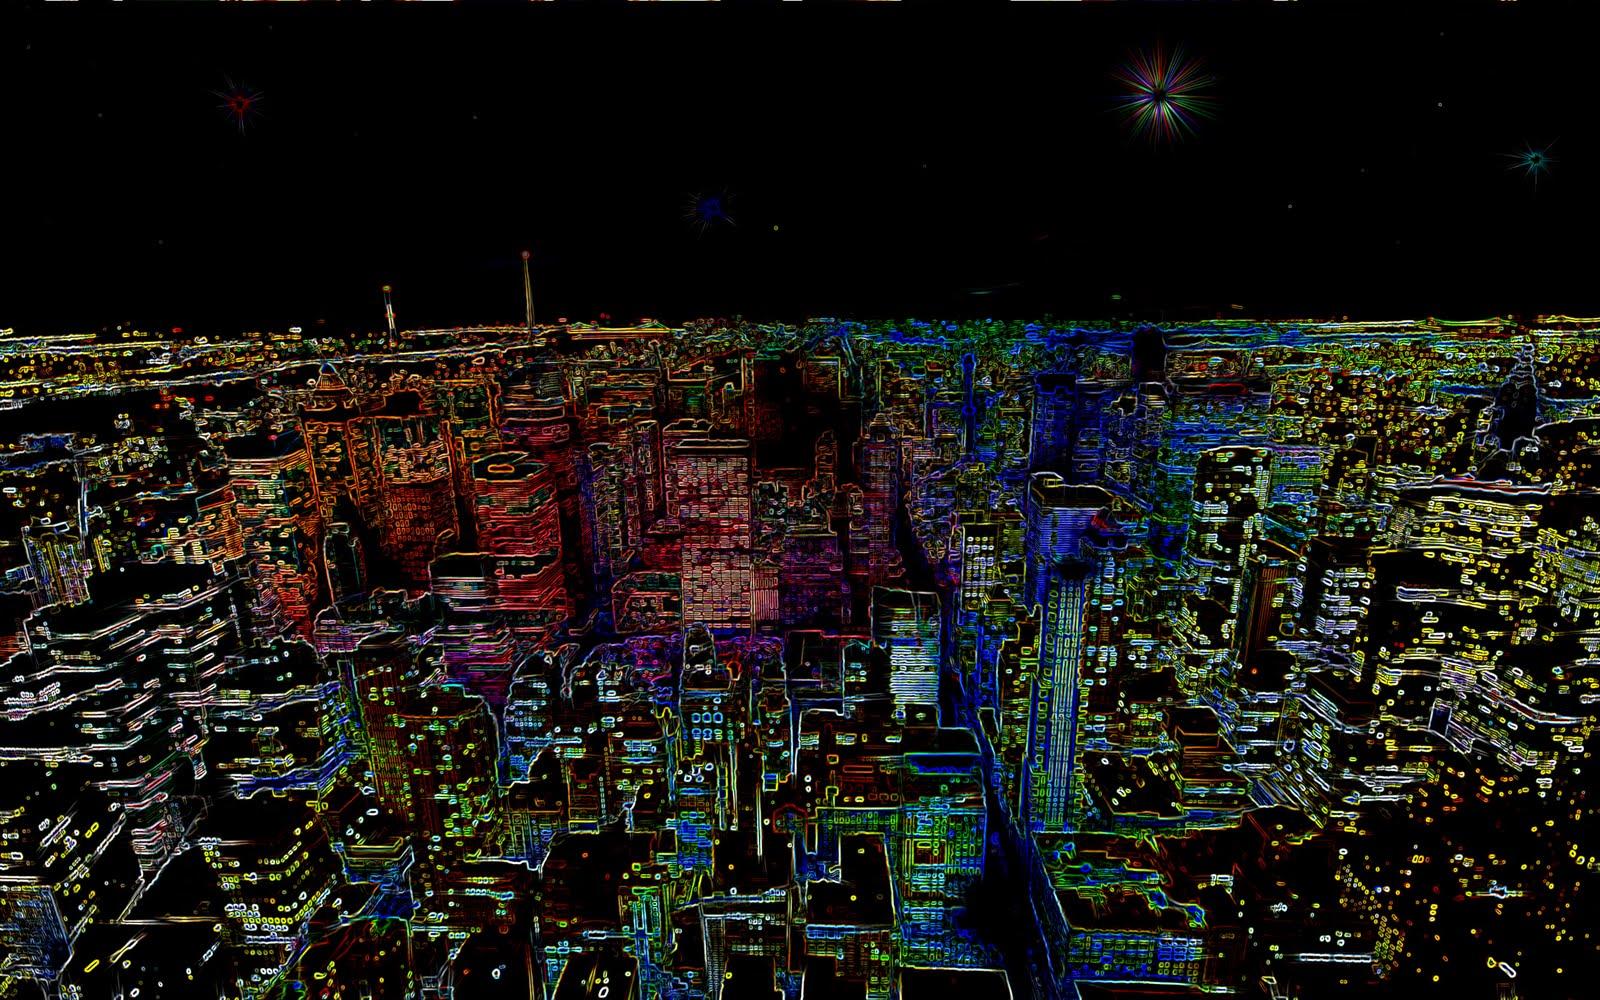 http://2.bp.blogspot.com/_6F1goSN3h9s/TJK6KWSYw8I/AAAAAAAAAV0/FqK9v8hC7ok/s1600/Cities+%284%29.jpg